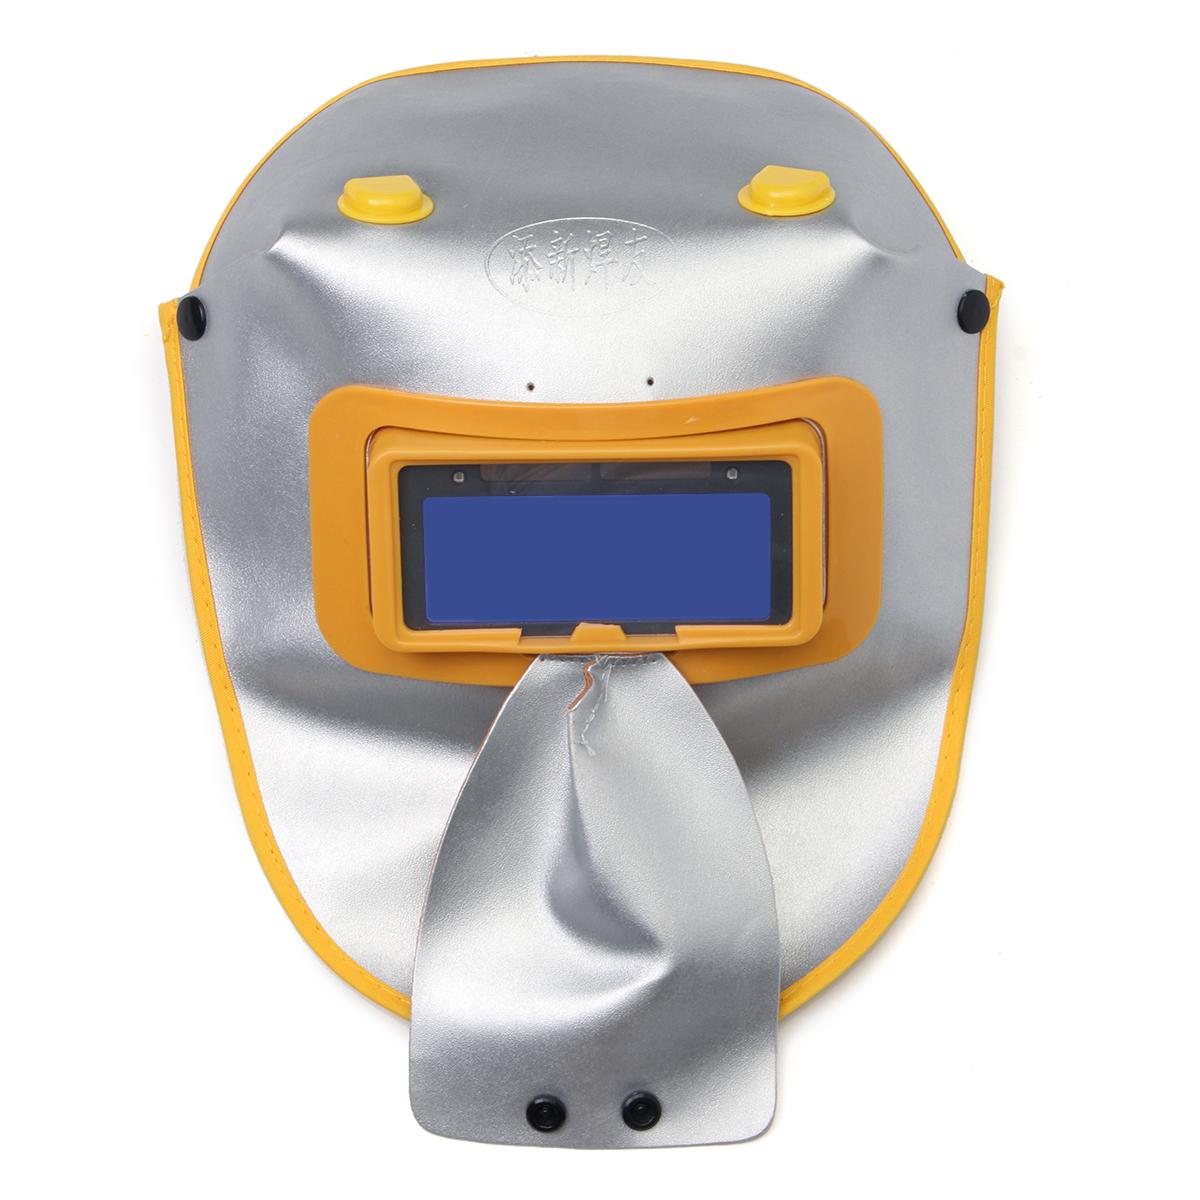 Solar Powered Auto-Darkening Welding Helmet Grinding TIG Welding Mask